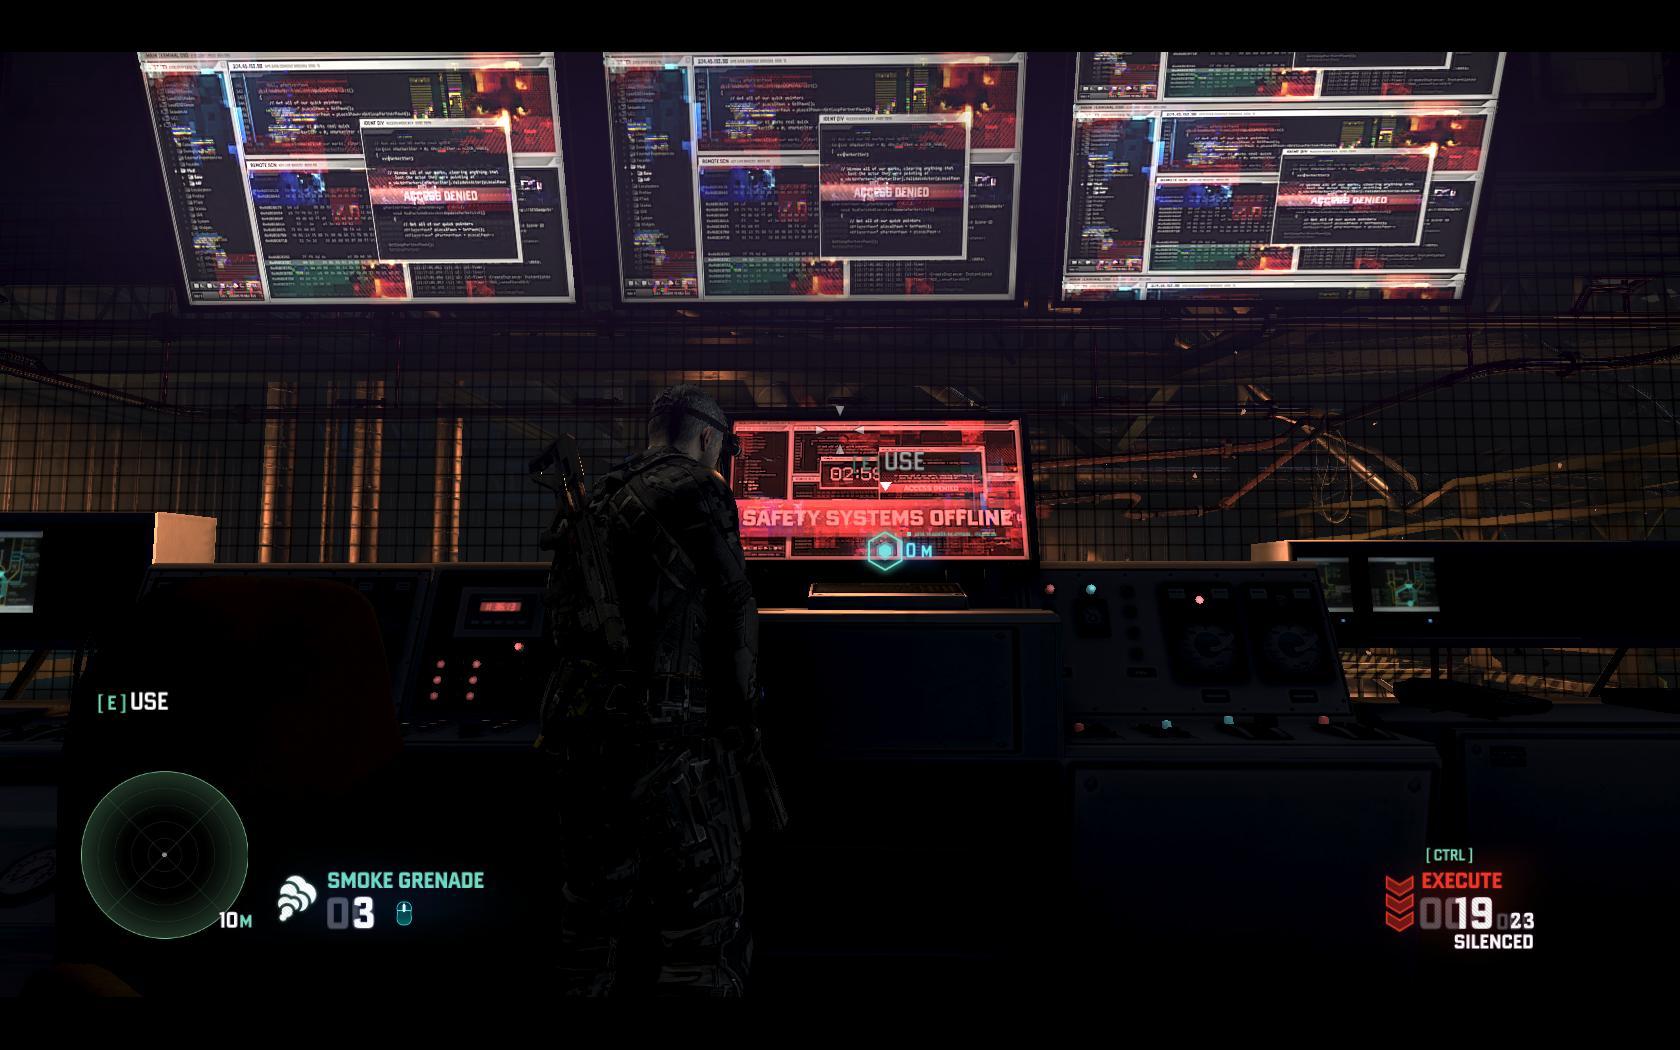 Blacklist_DX11_game 2013-08-27 19-02-04-16.jpg